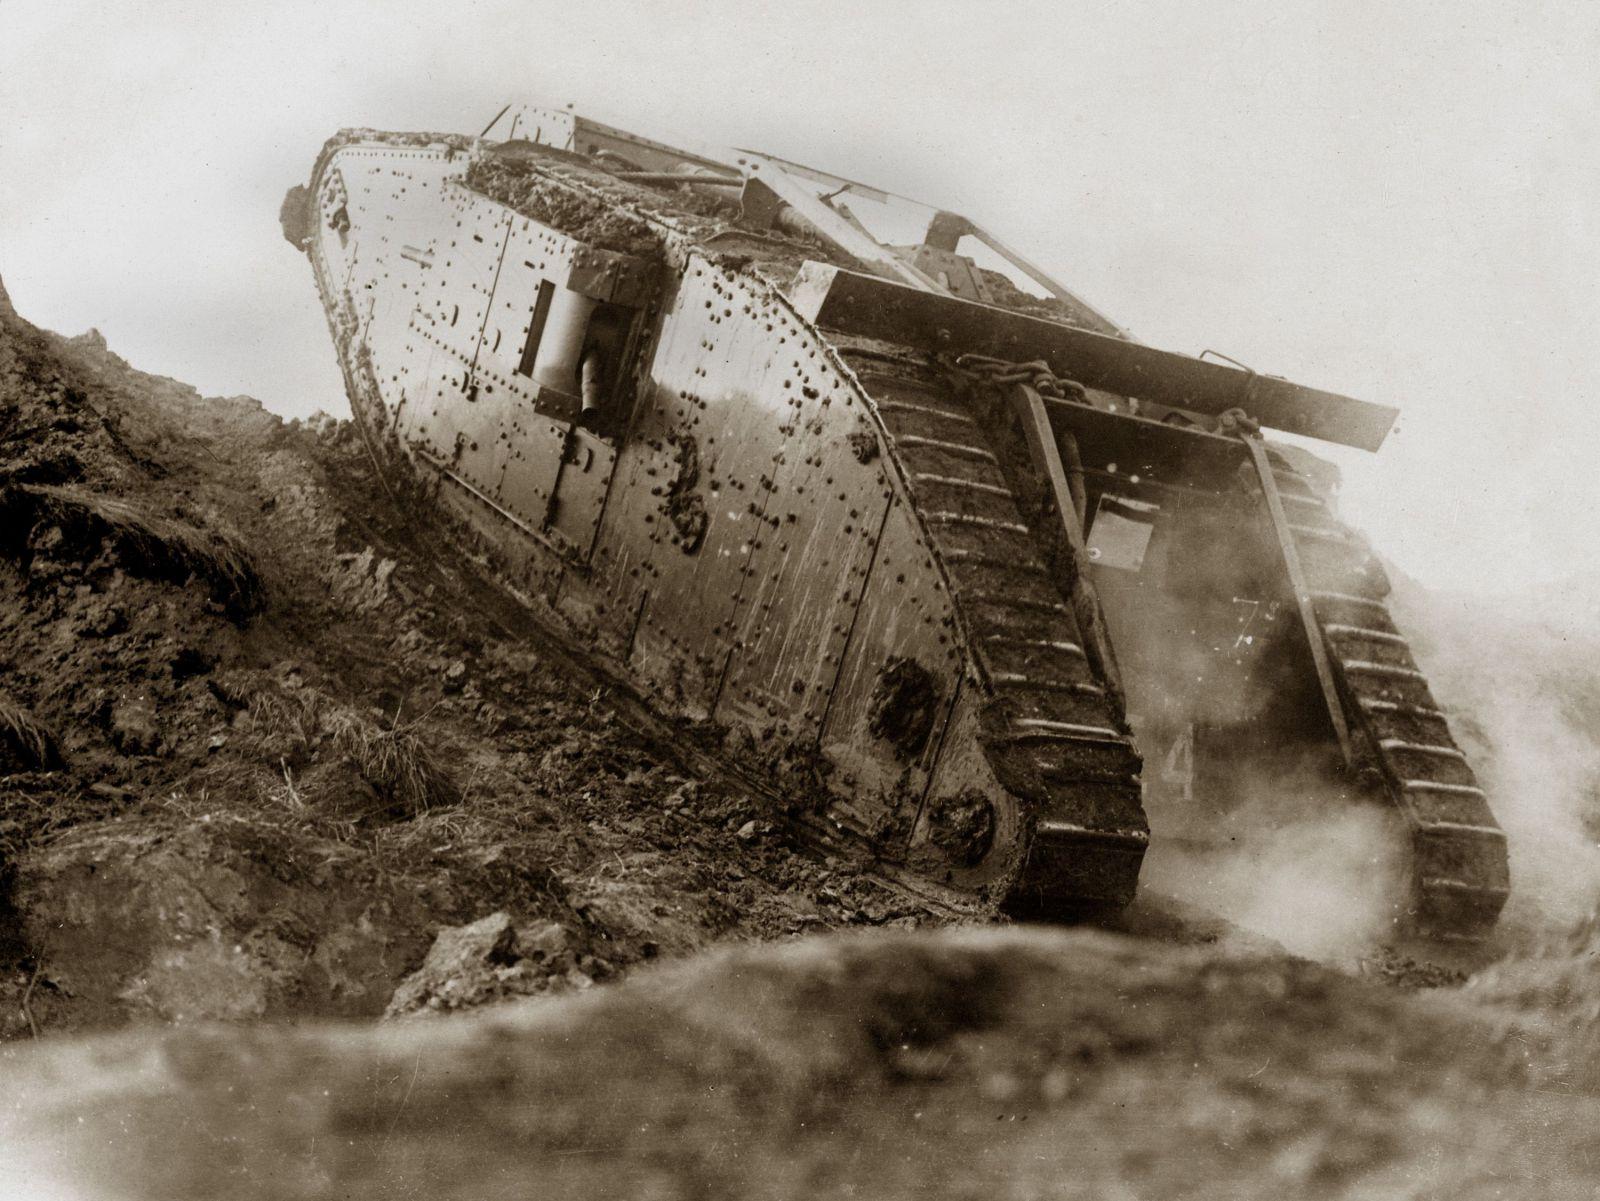 Přesně před 100 lety se na bojišti objevil historicky první tank. Nebyl sice dokonalý, ale změnil dějiny